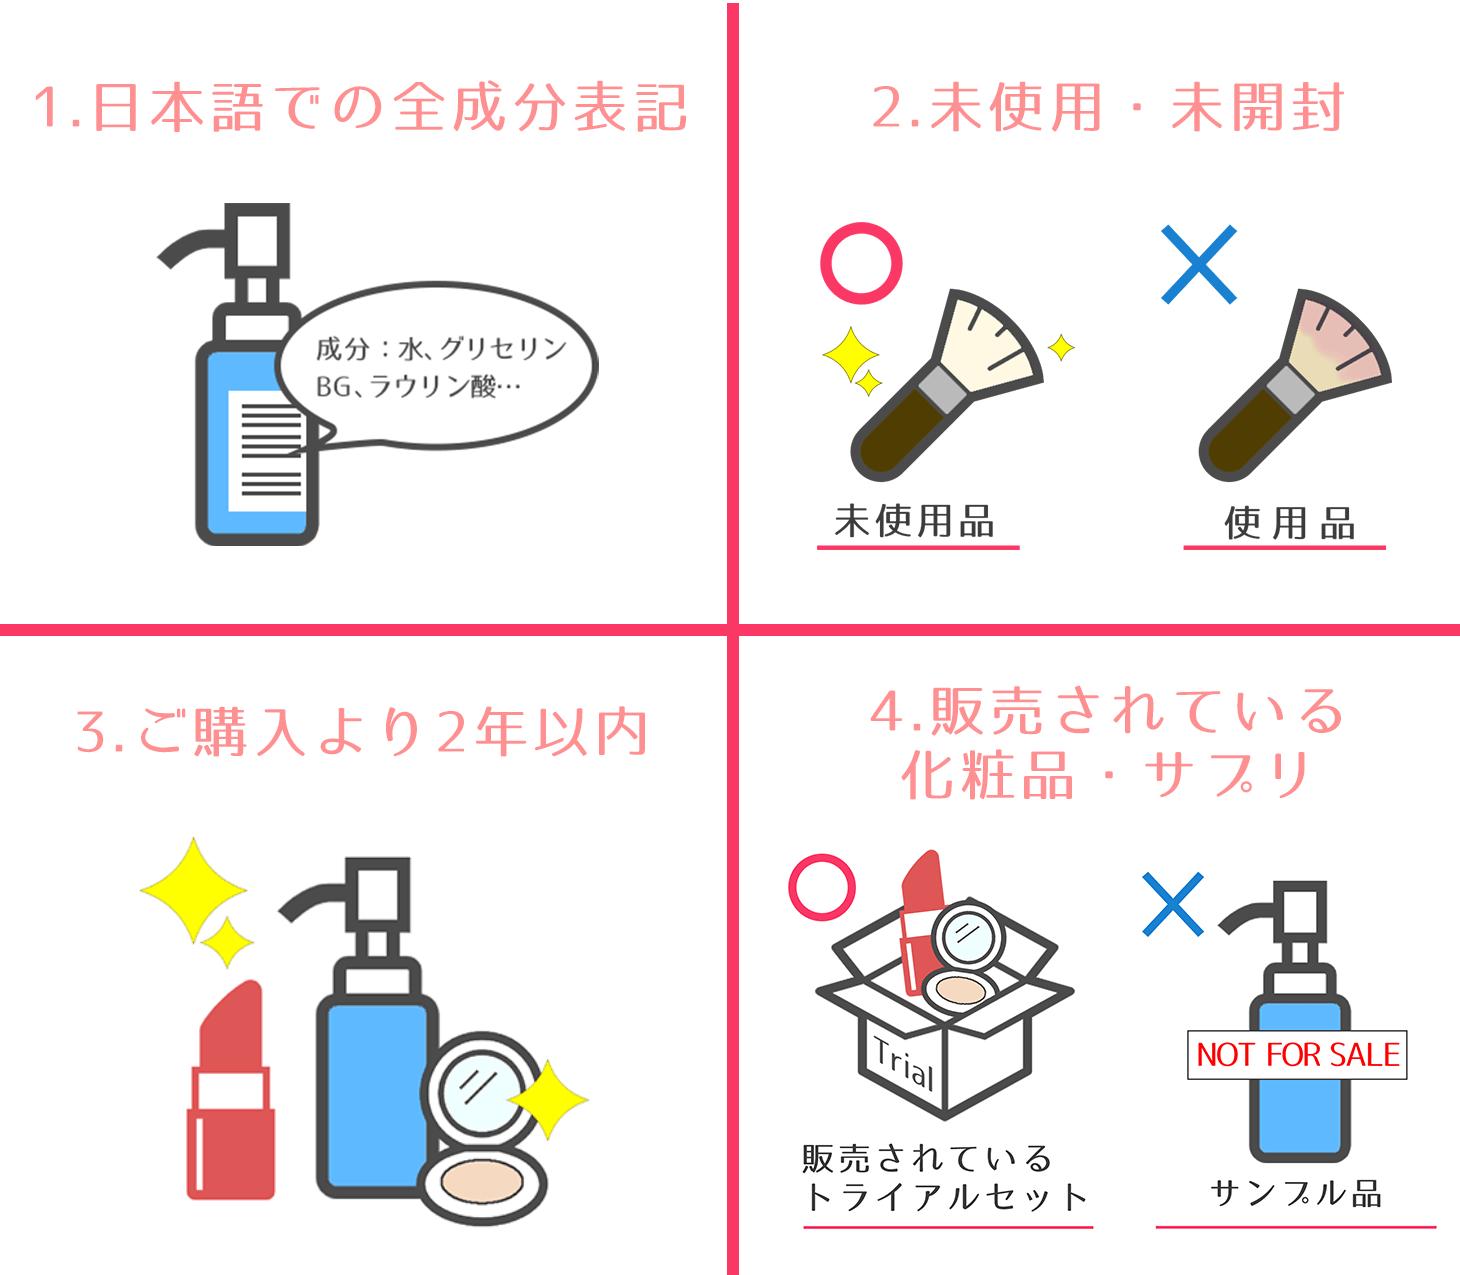 化粧品・サプリメントの高価買取4つのポイント